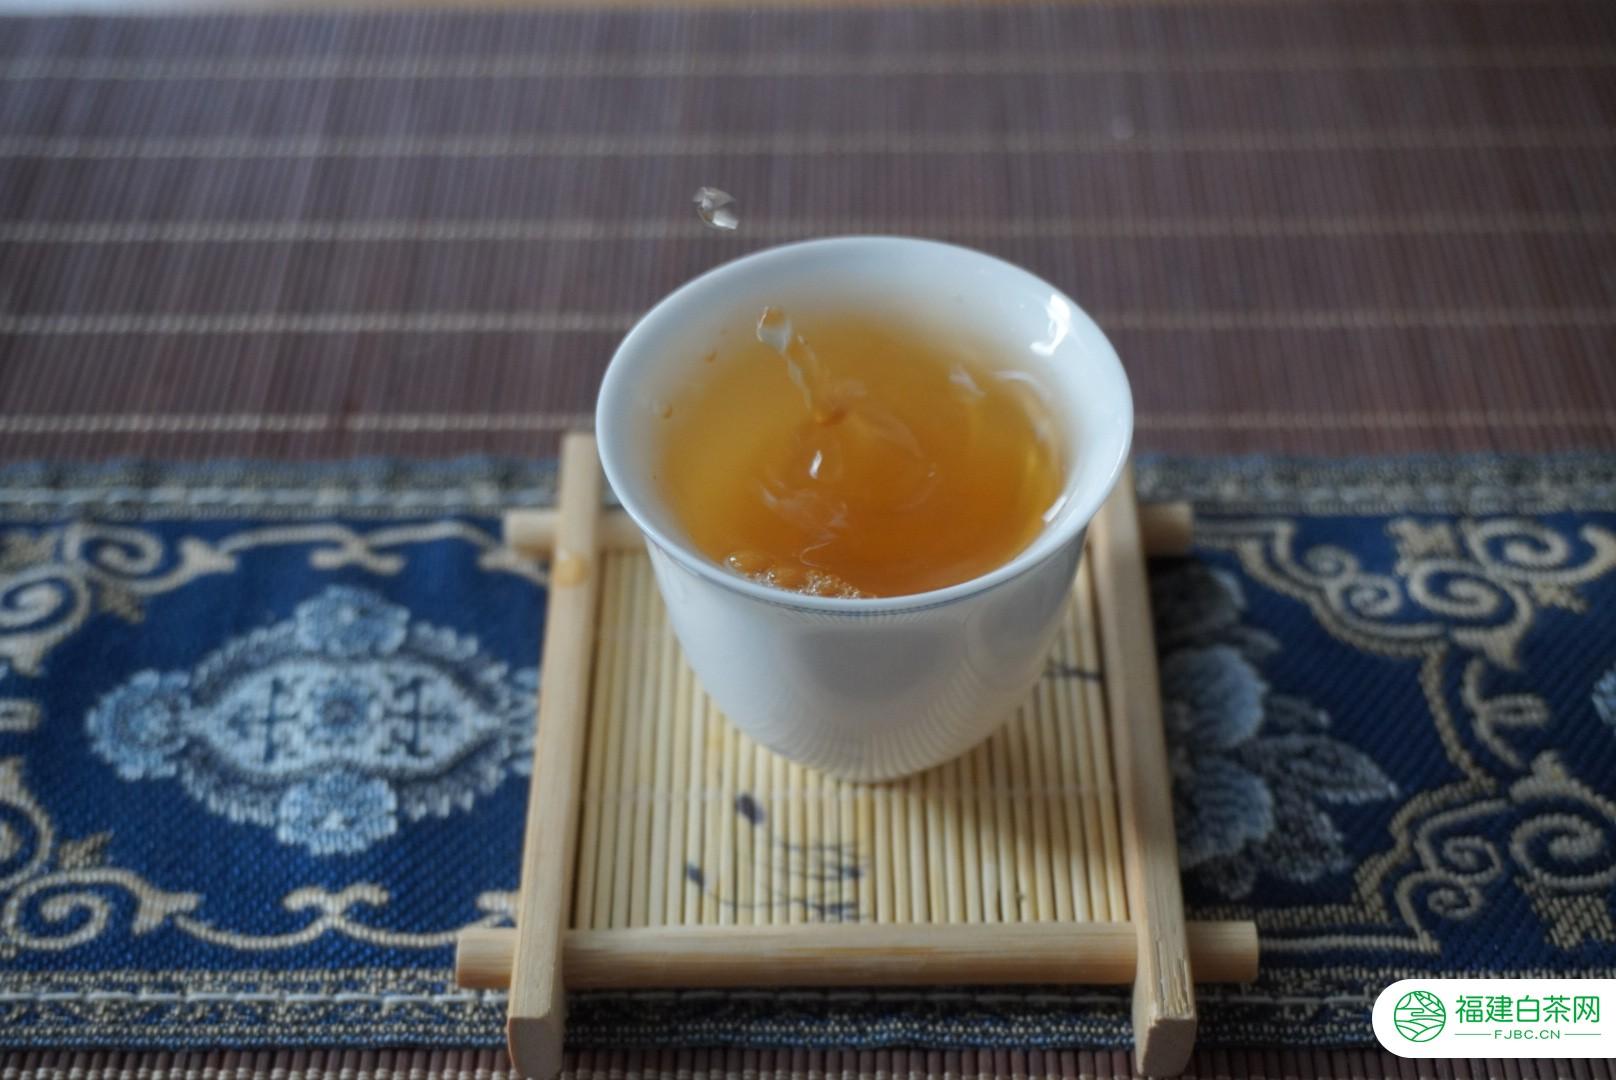 普洱新生茶如何判断陈化潜力?好茶都有这4个表现特征,建议收藏